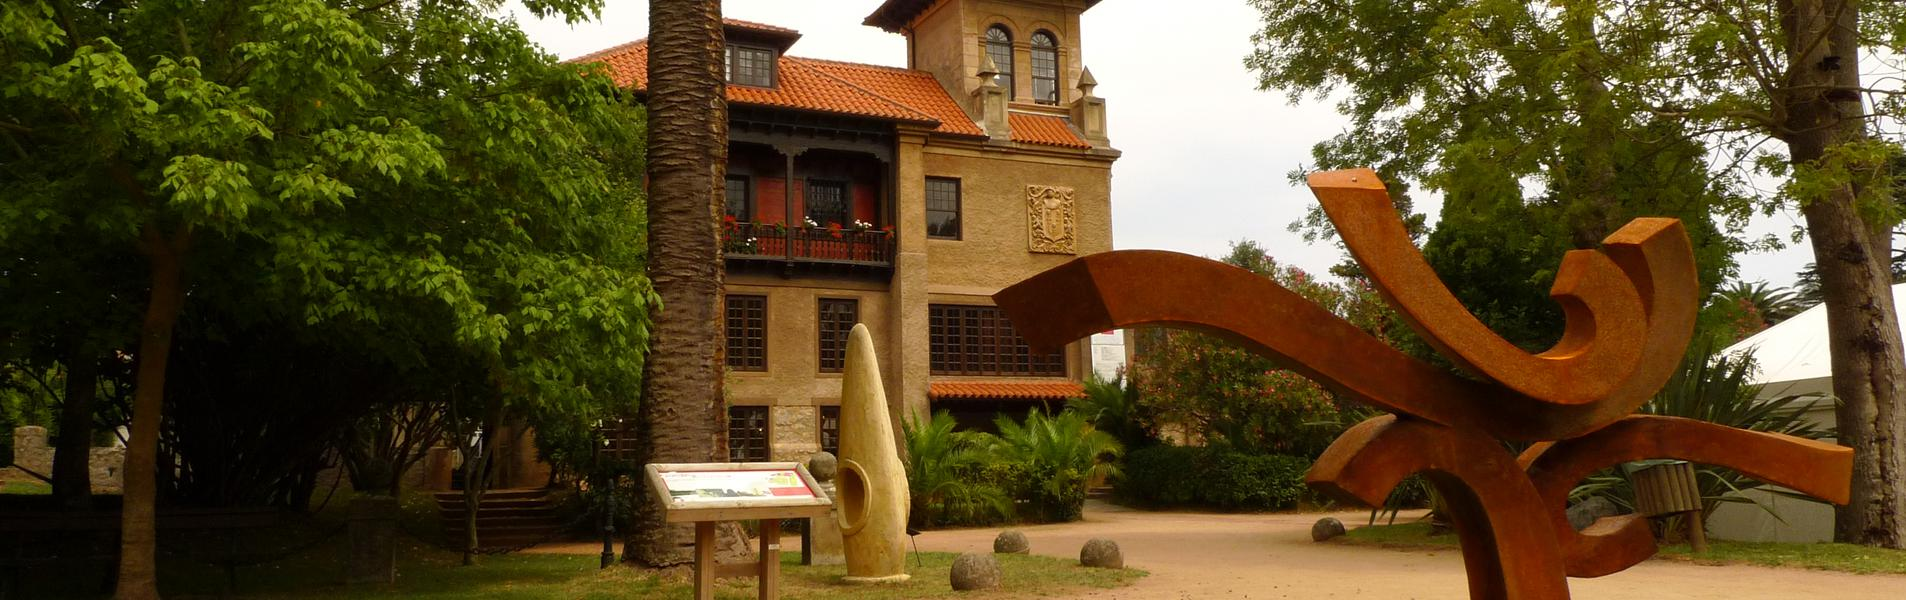 Palacio del Marqués de Albaicín